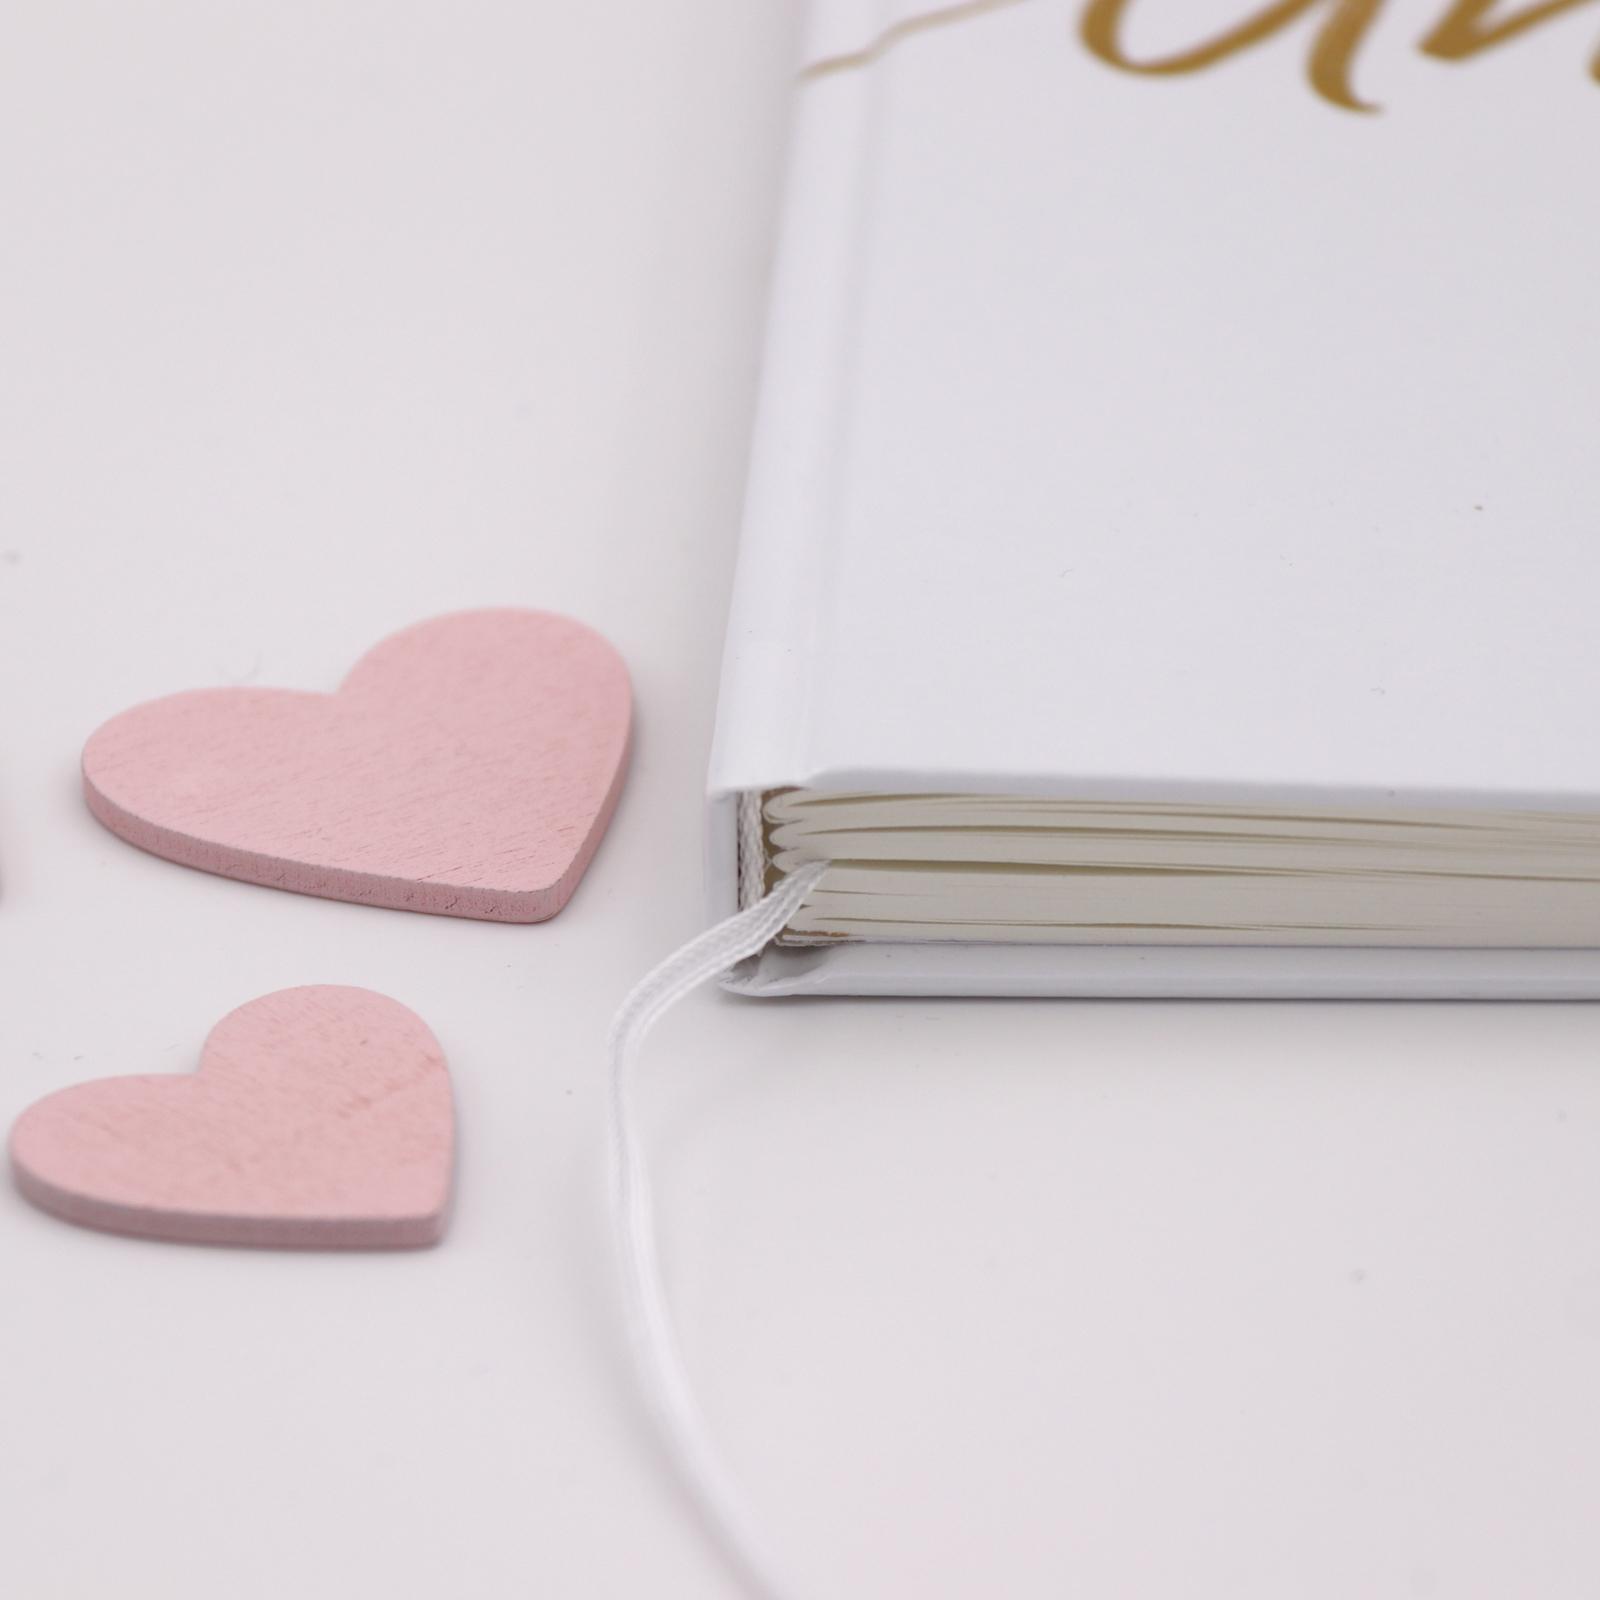 Gästebuch Hochzeit mit Fragen >Golden< - weiß - Hardcover + Fadenheftung - 120 Seiten